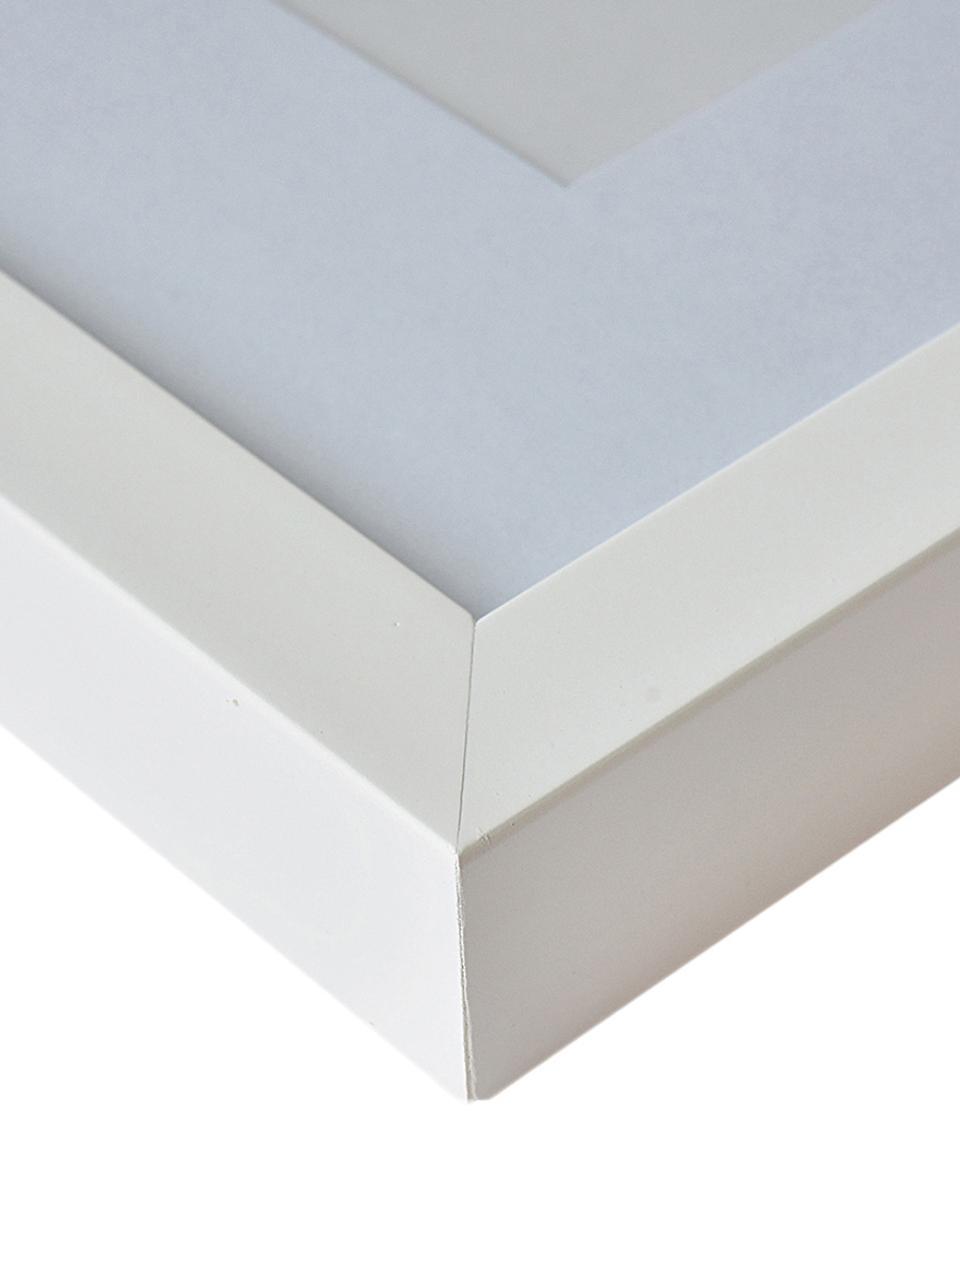 Bilderrahmen Apollon, Rahmen: Monterey-Kiefernholz, lac, Front: Glas, Rückseite: Mitteldichte Holzfaserpla, Weiß, 18 x 24 cm